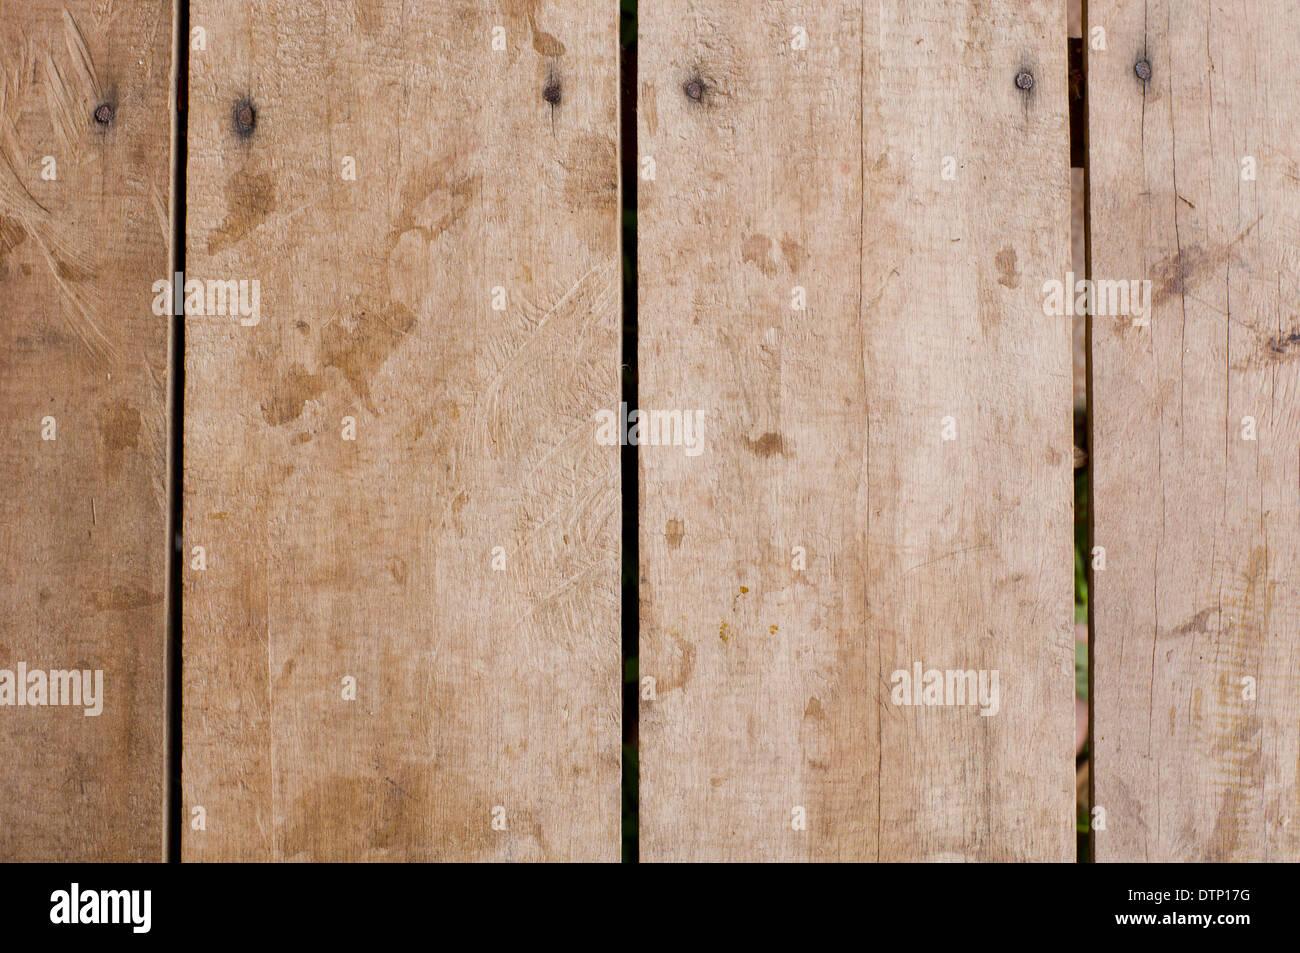 Doghe in legno sfondi Immagini Stock